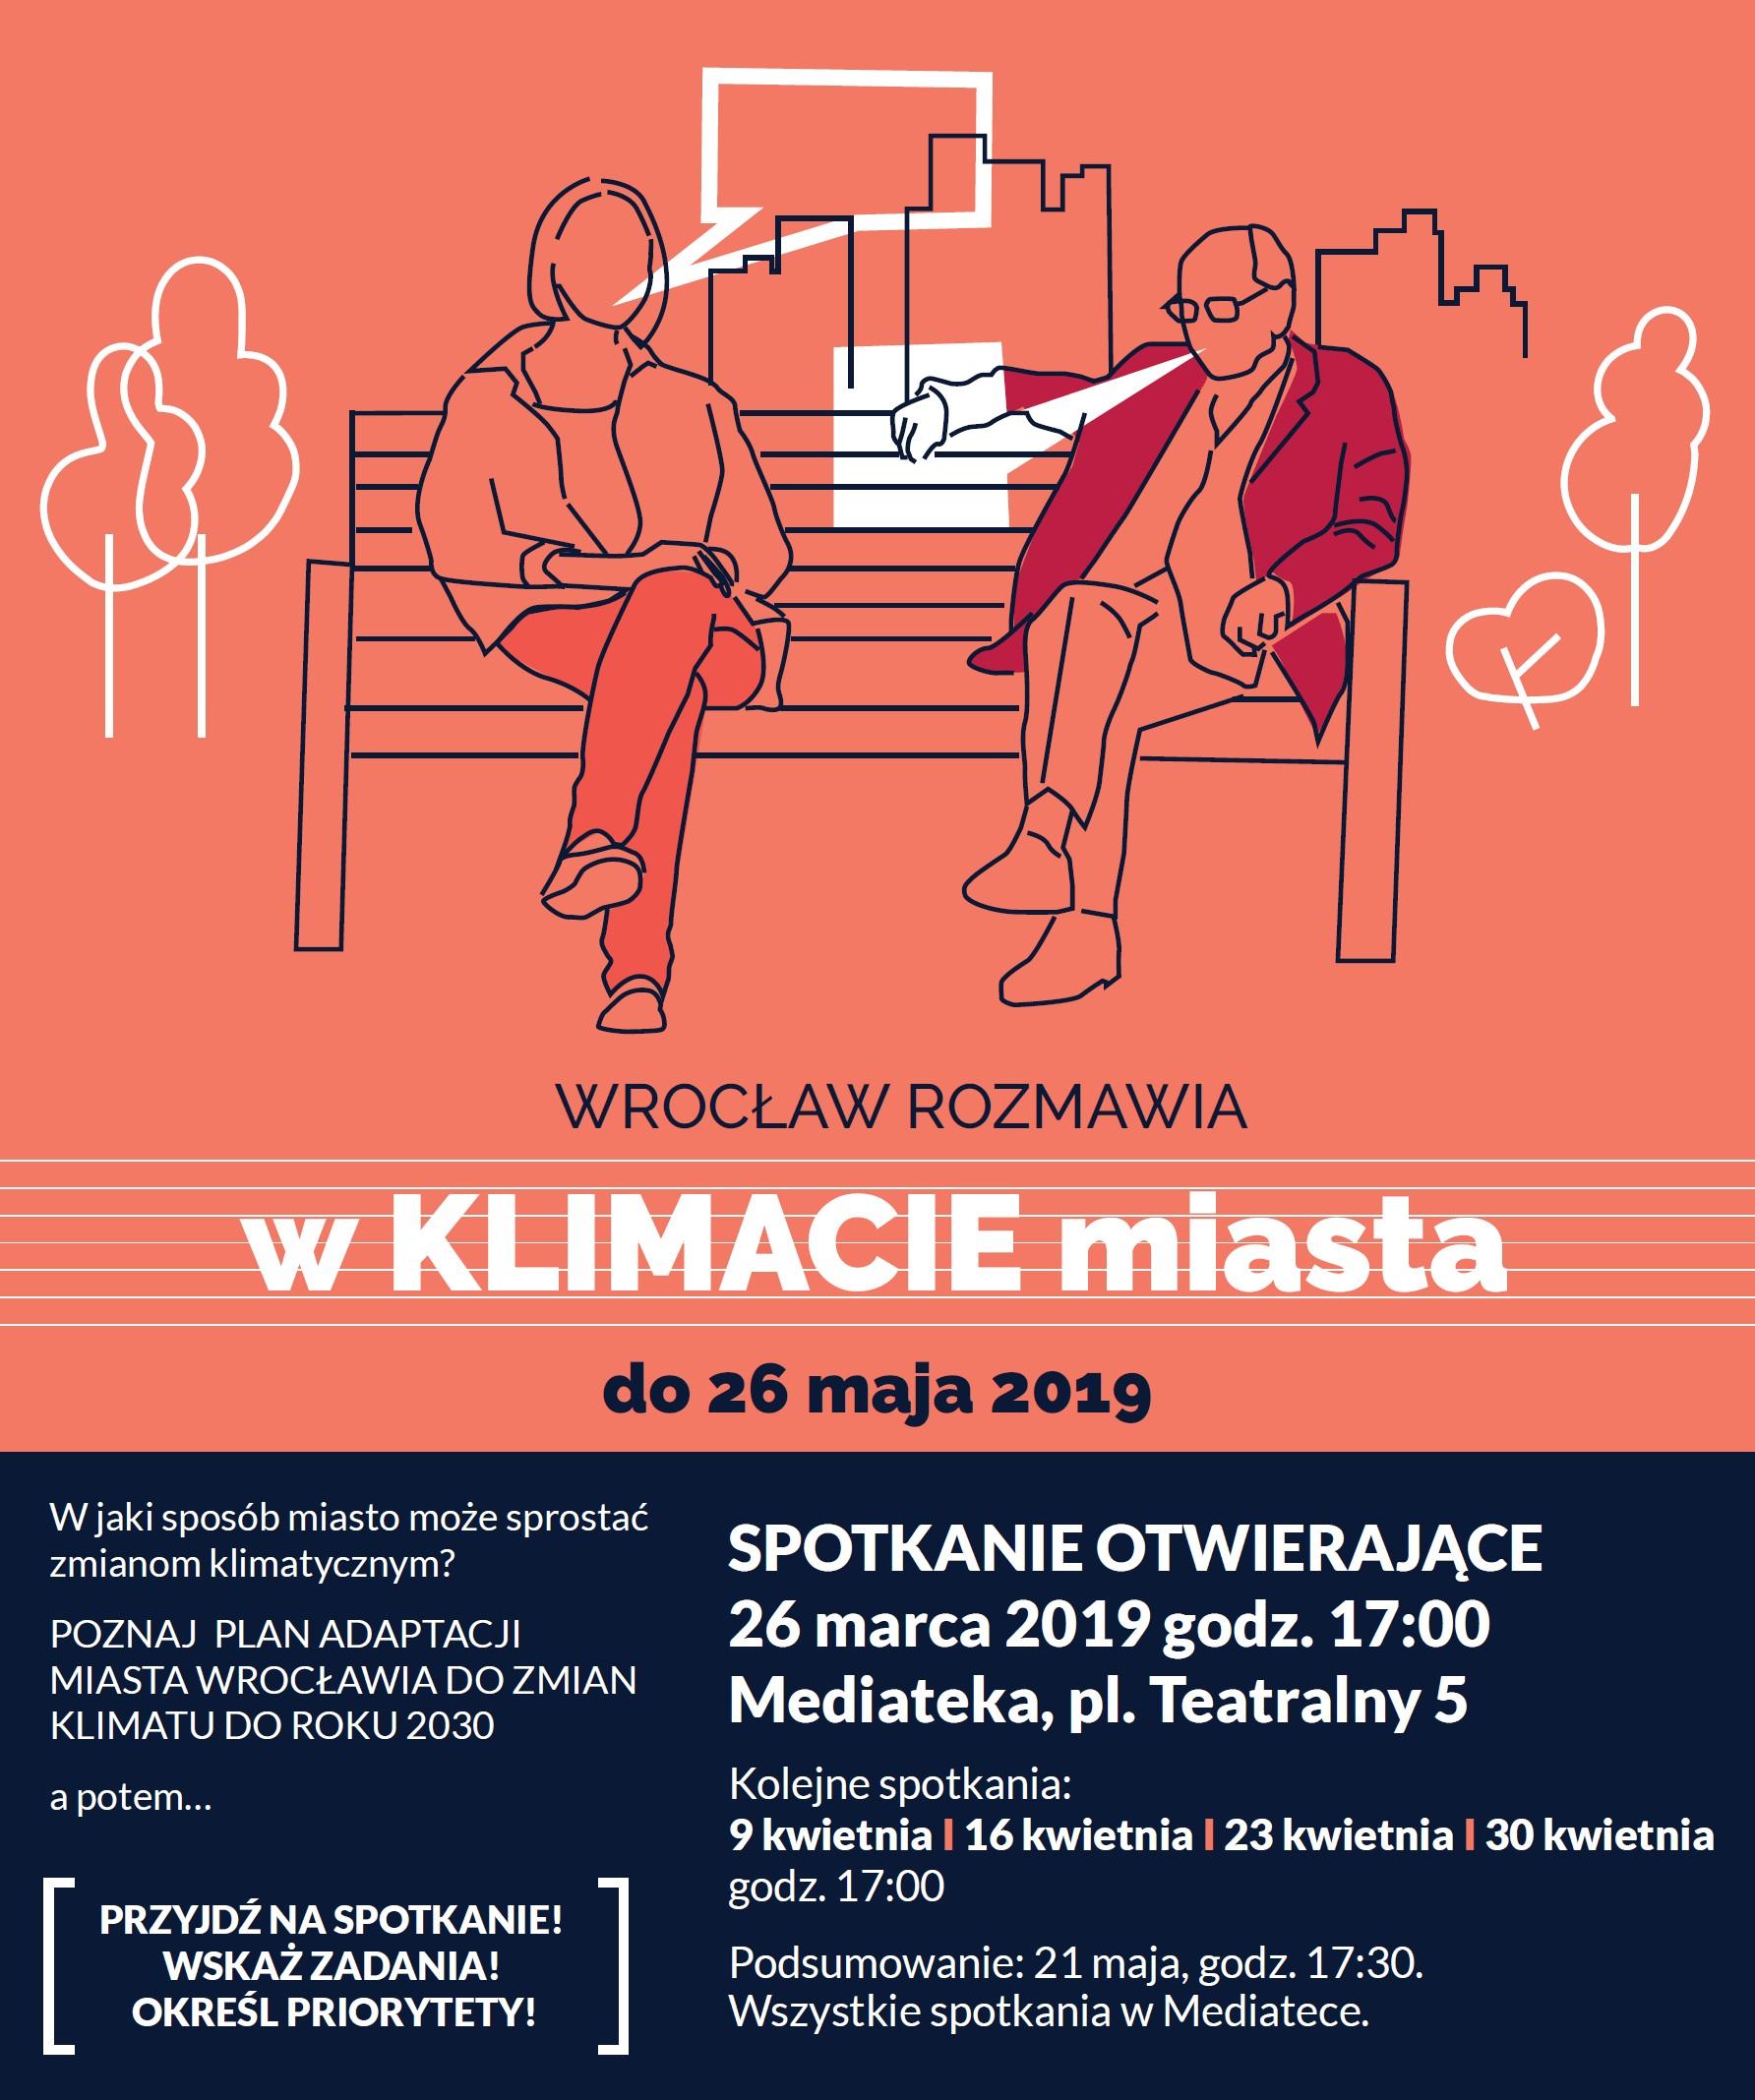 Plan adaptacji Miasta Wrocław do zmian klimatu do roku 2030